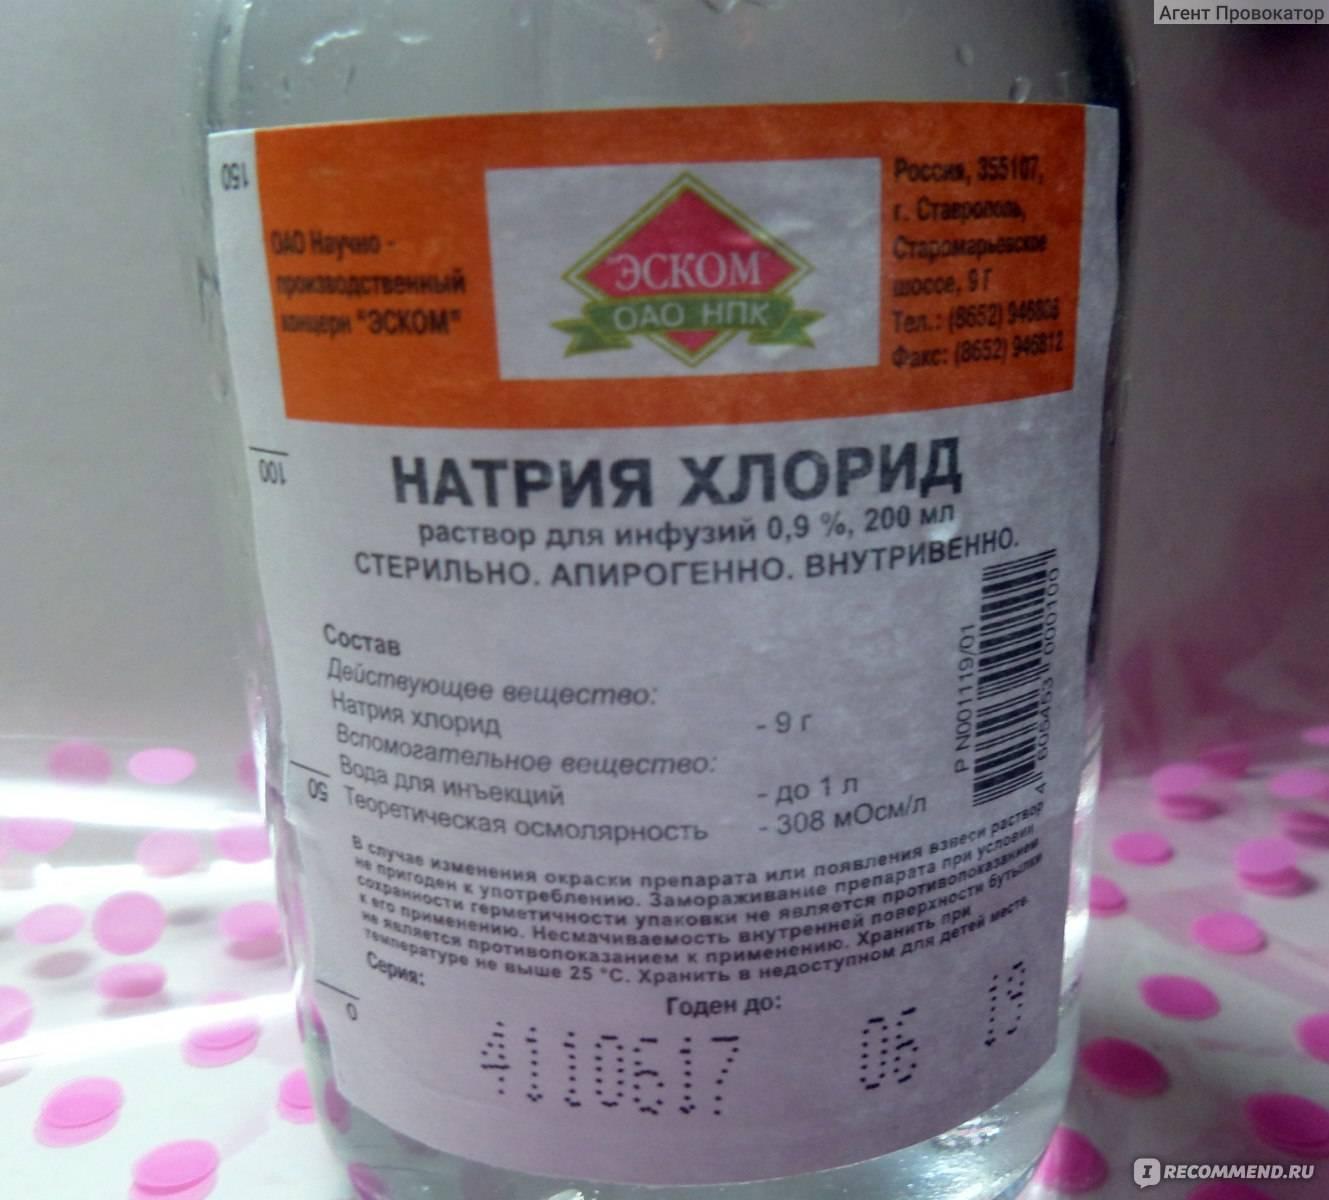 Кошка не пьёт воду, что делать в таких случаях. капельница натрия хлорид собаке расчетно — графическое задание